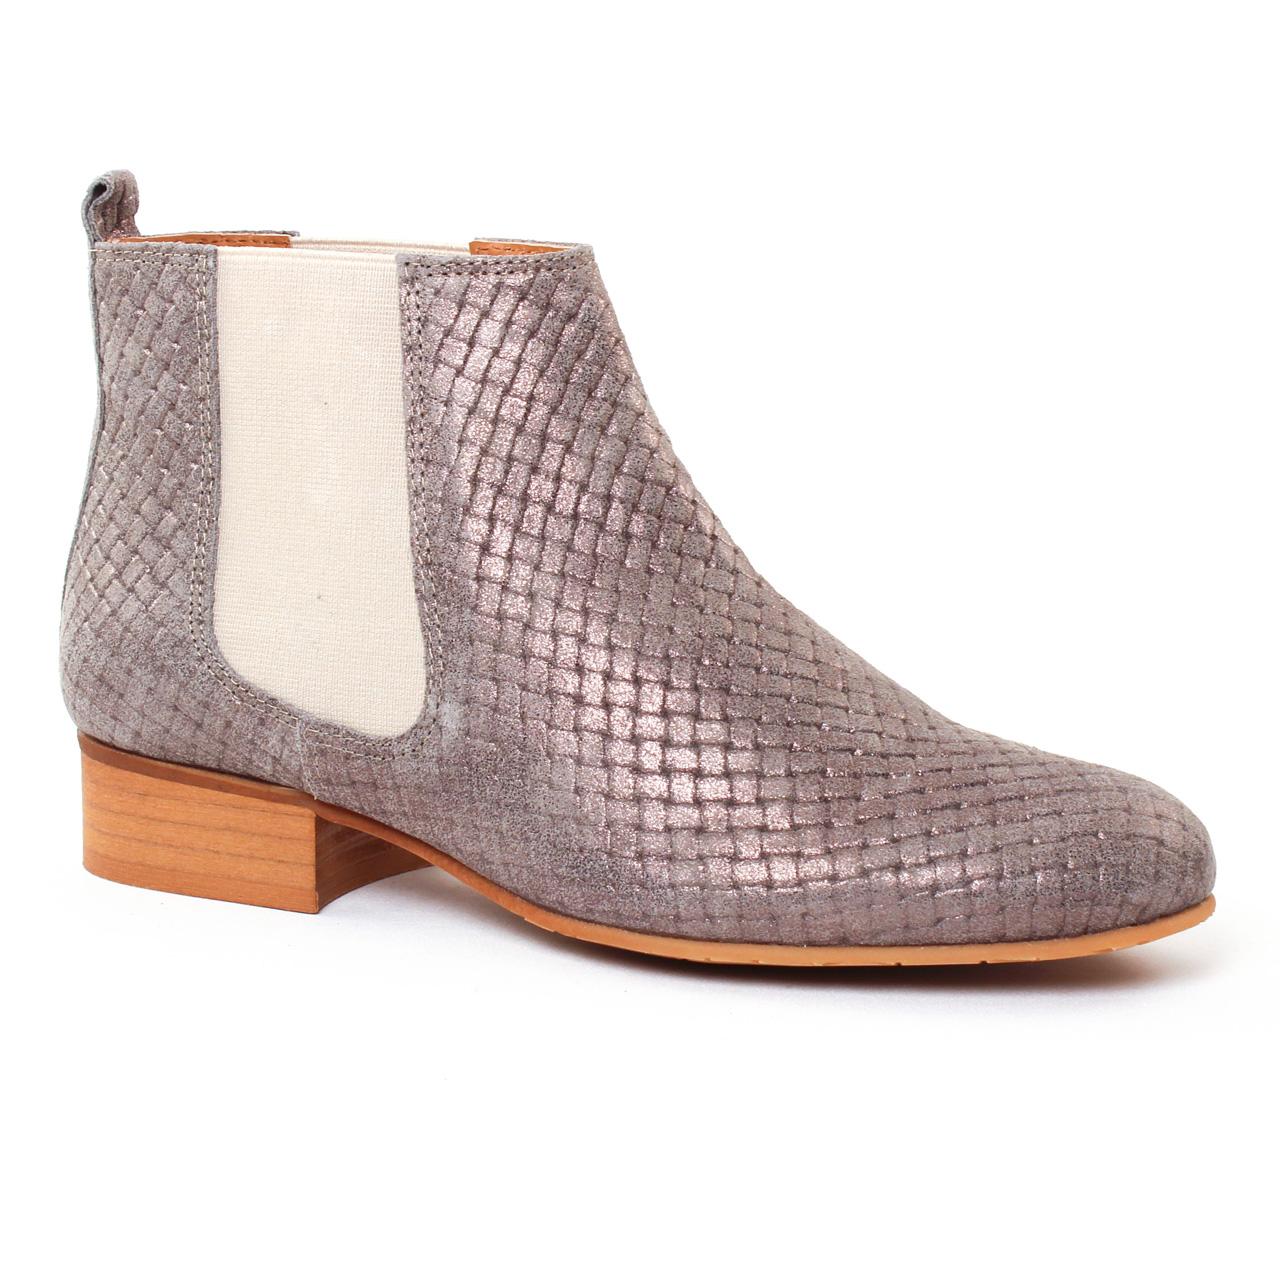 Chaussures femme été 2017 , boots élastiquées Impact gris doré